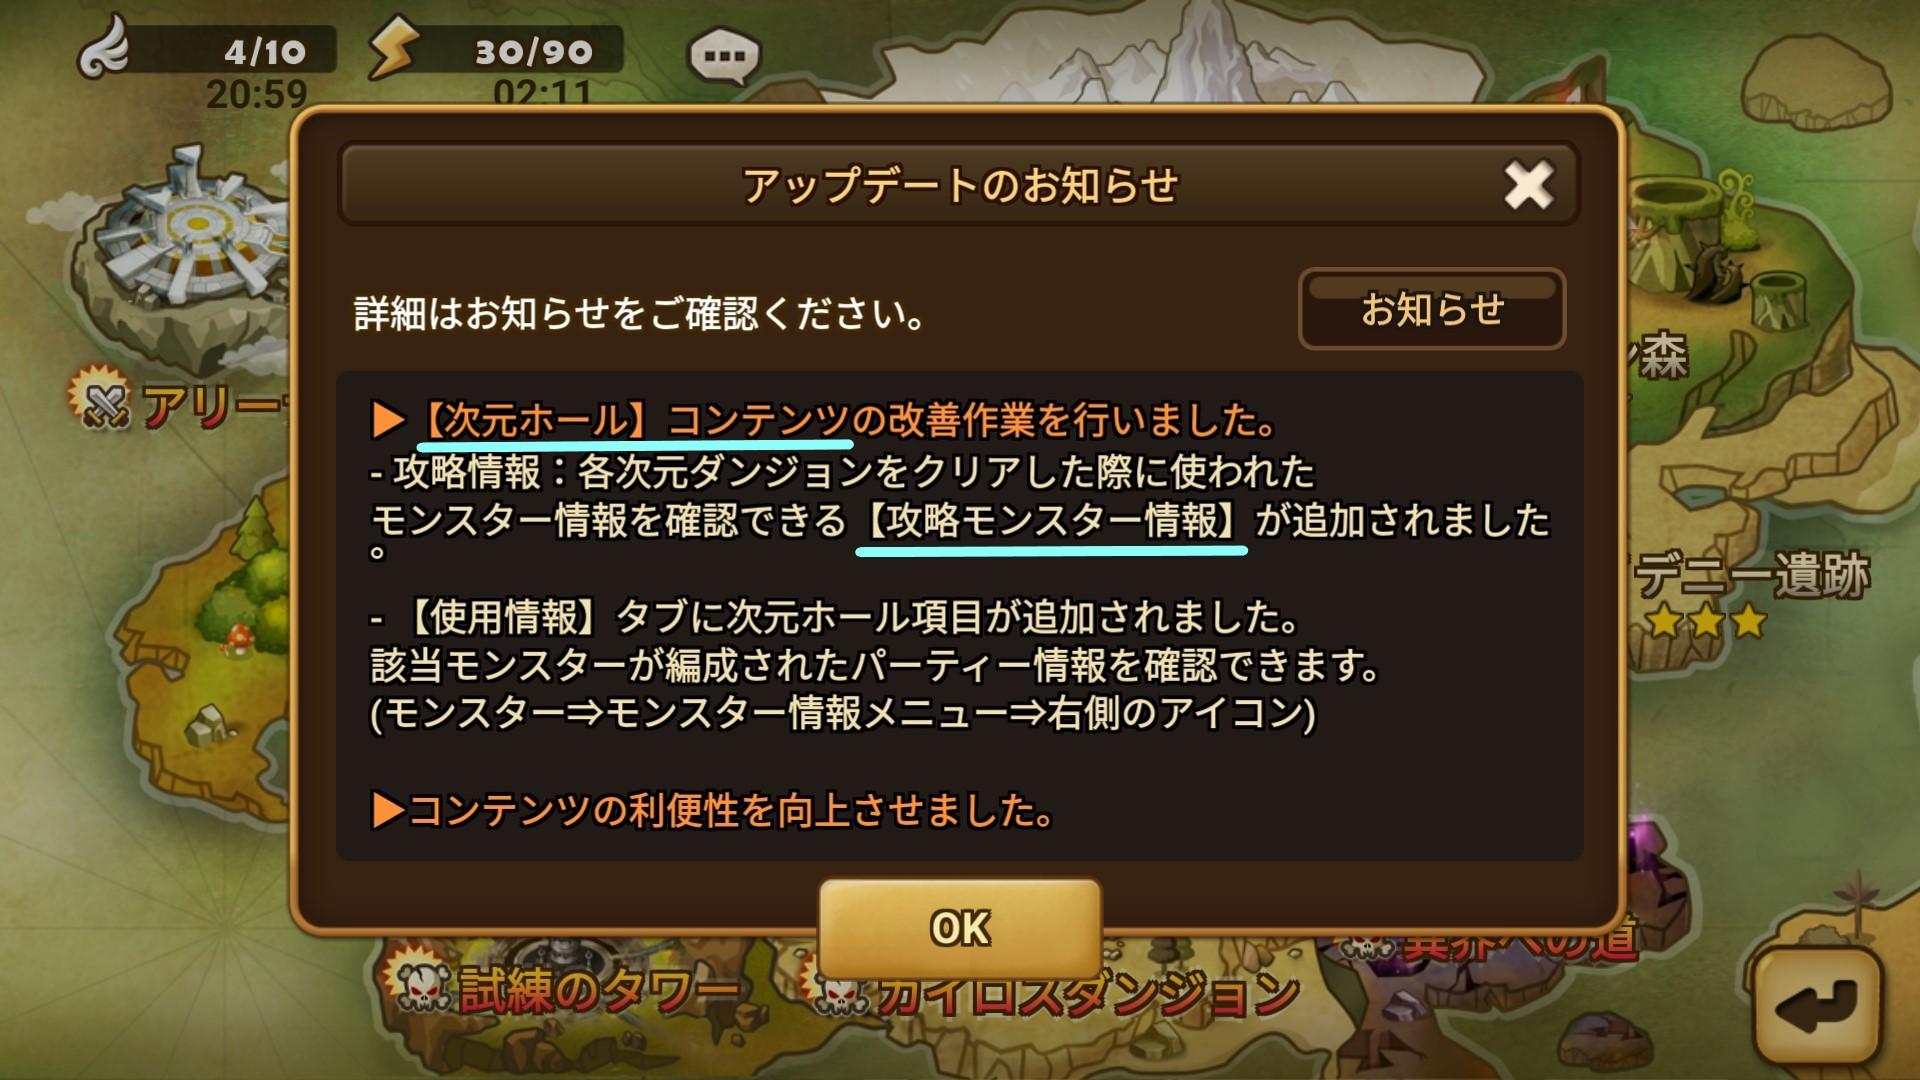 「攻略モンスター情報」を参考に「咆哮する野獣の森」初クリア☆